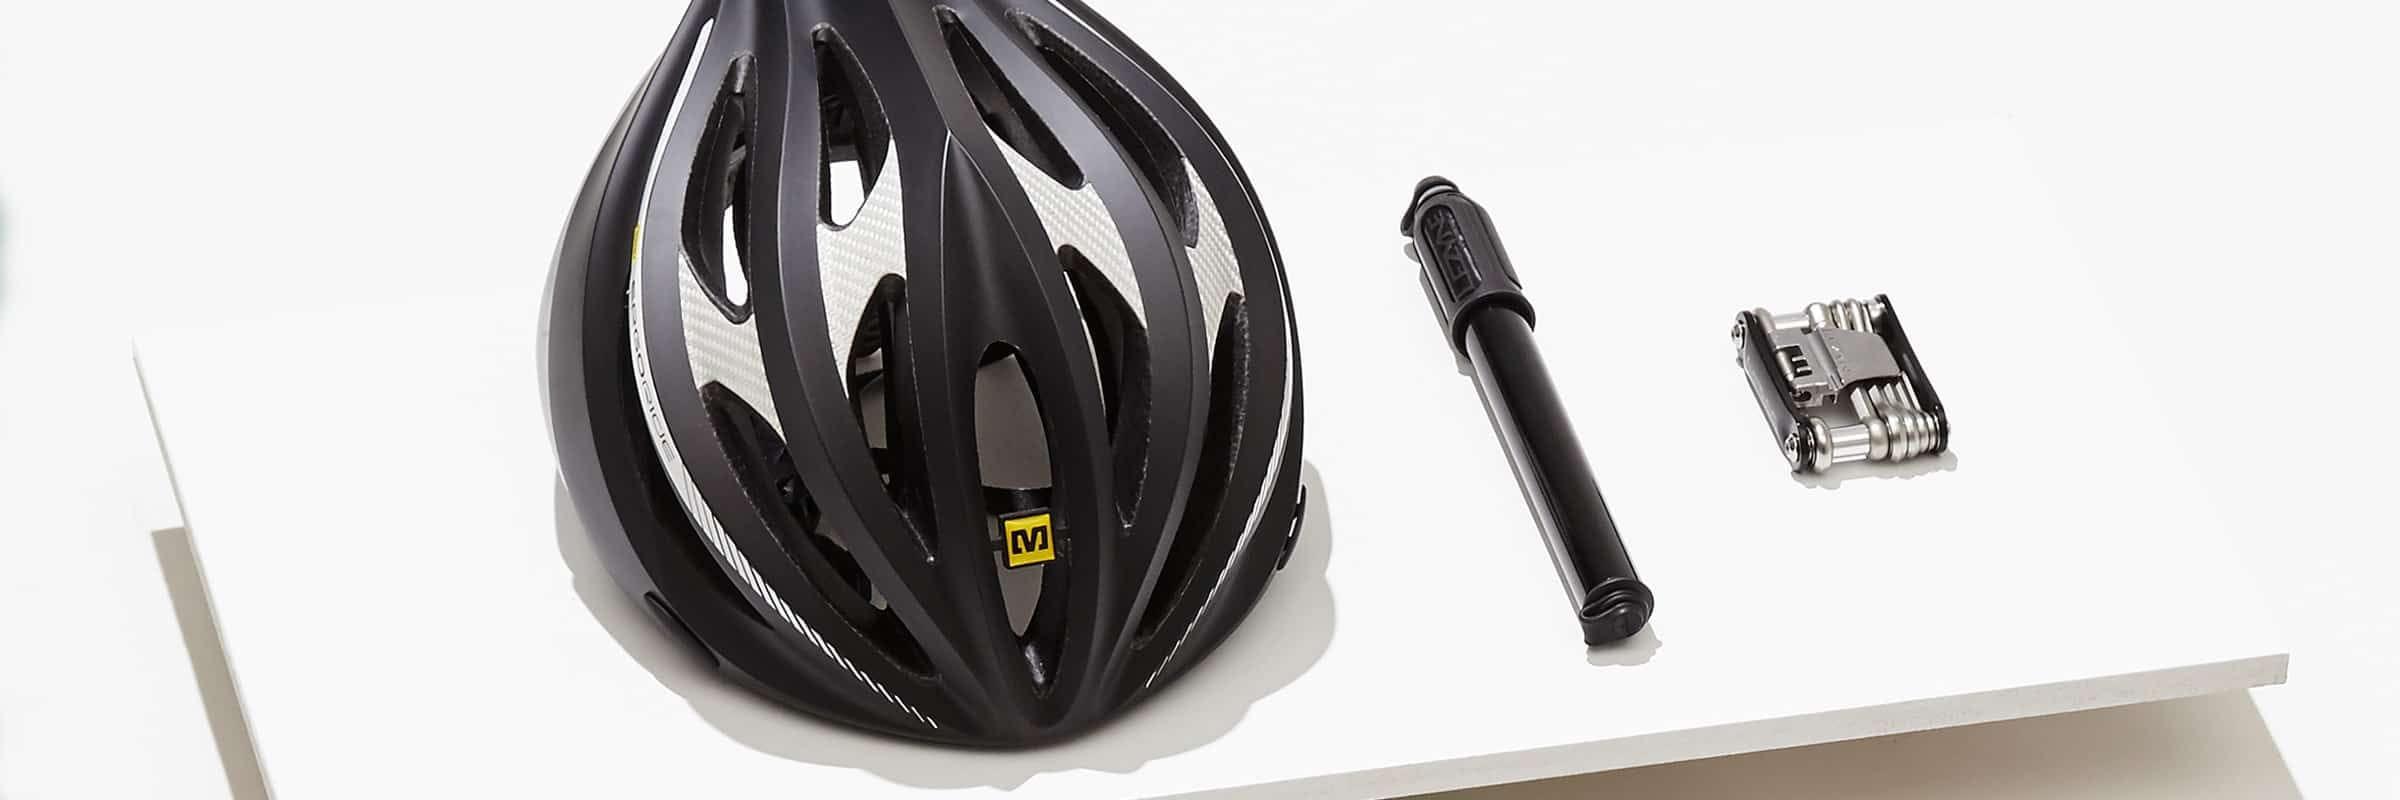 Giro, Louis Garneau, MIPS, Oakley, POC, Scott, Sweet Protection. Choosing The Right Biking Helmet